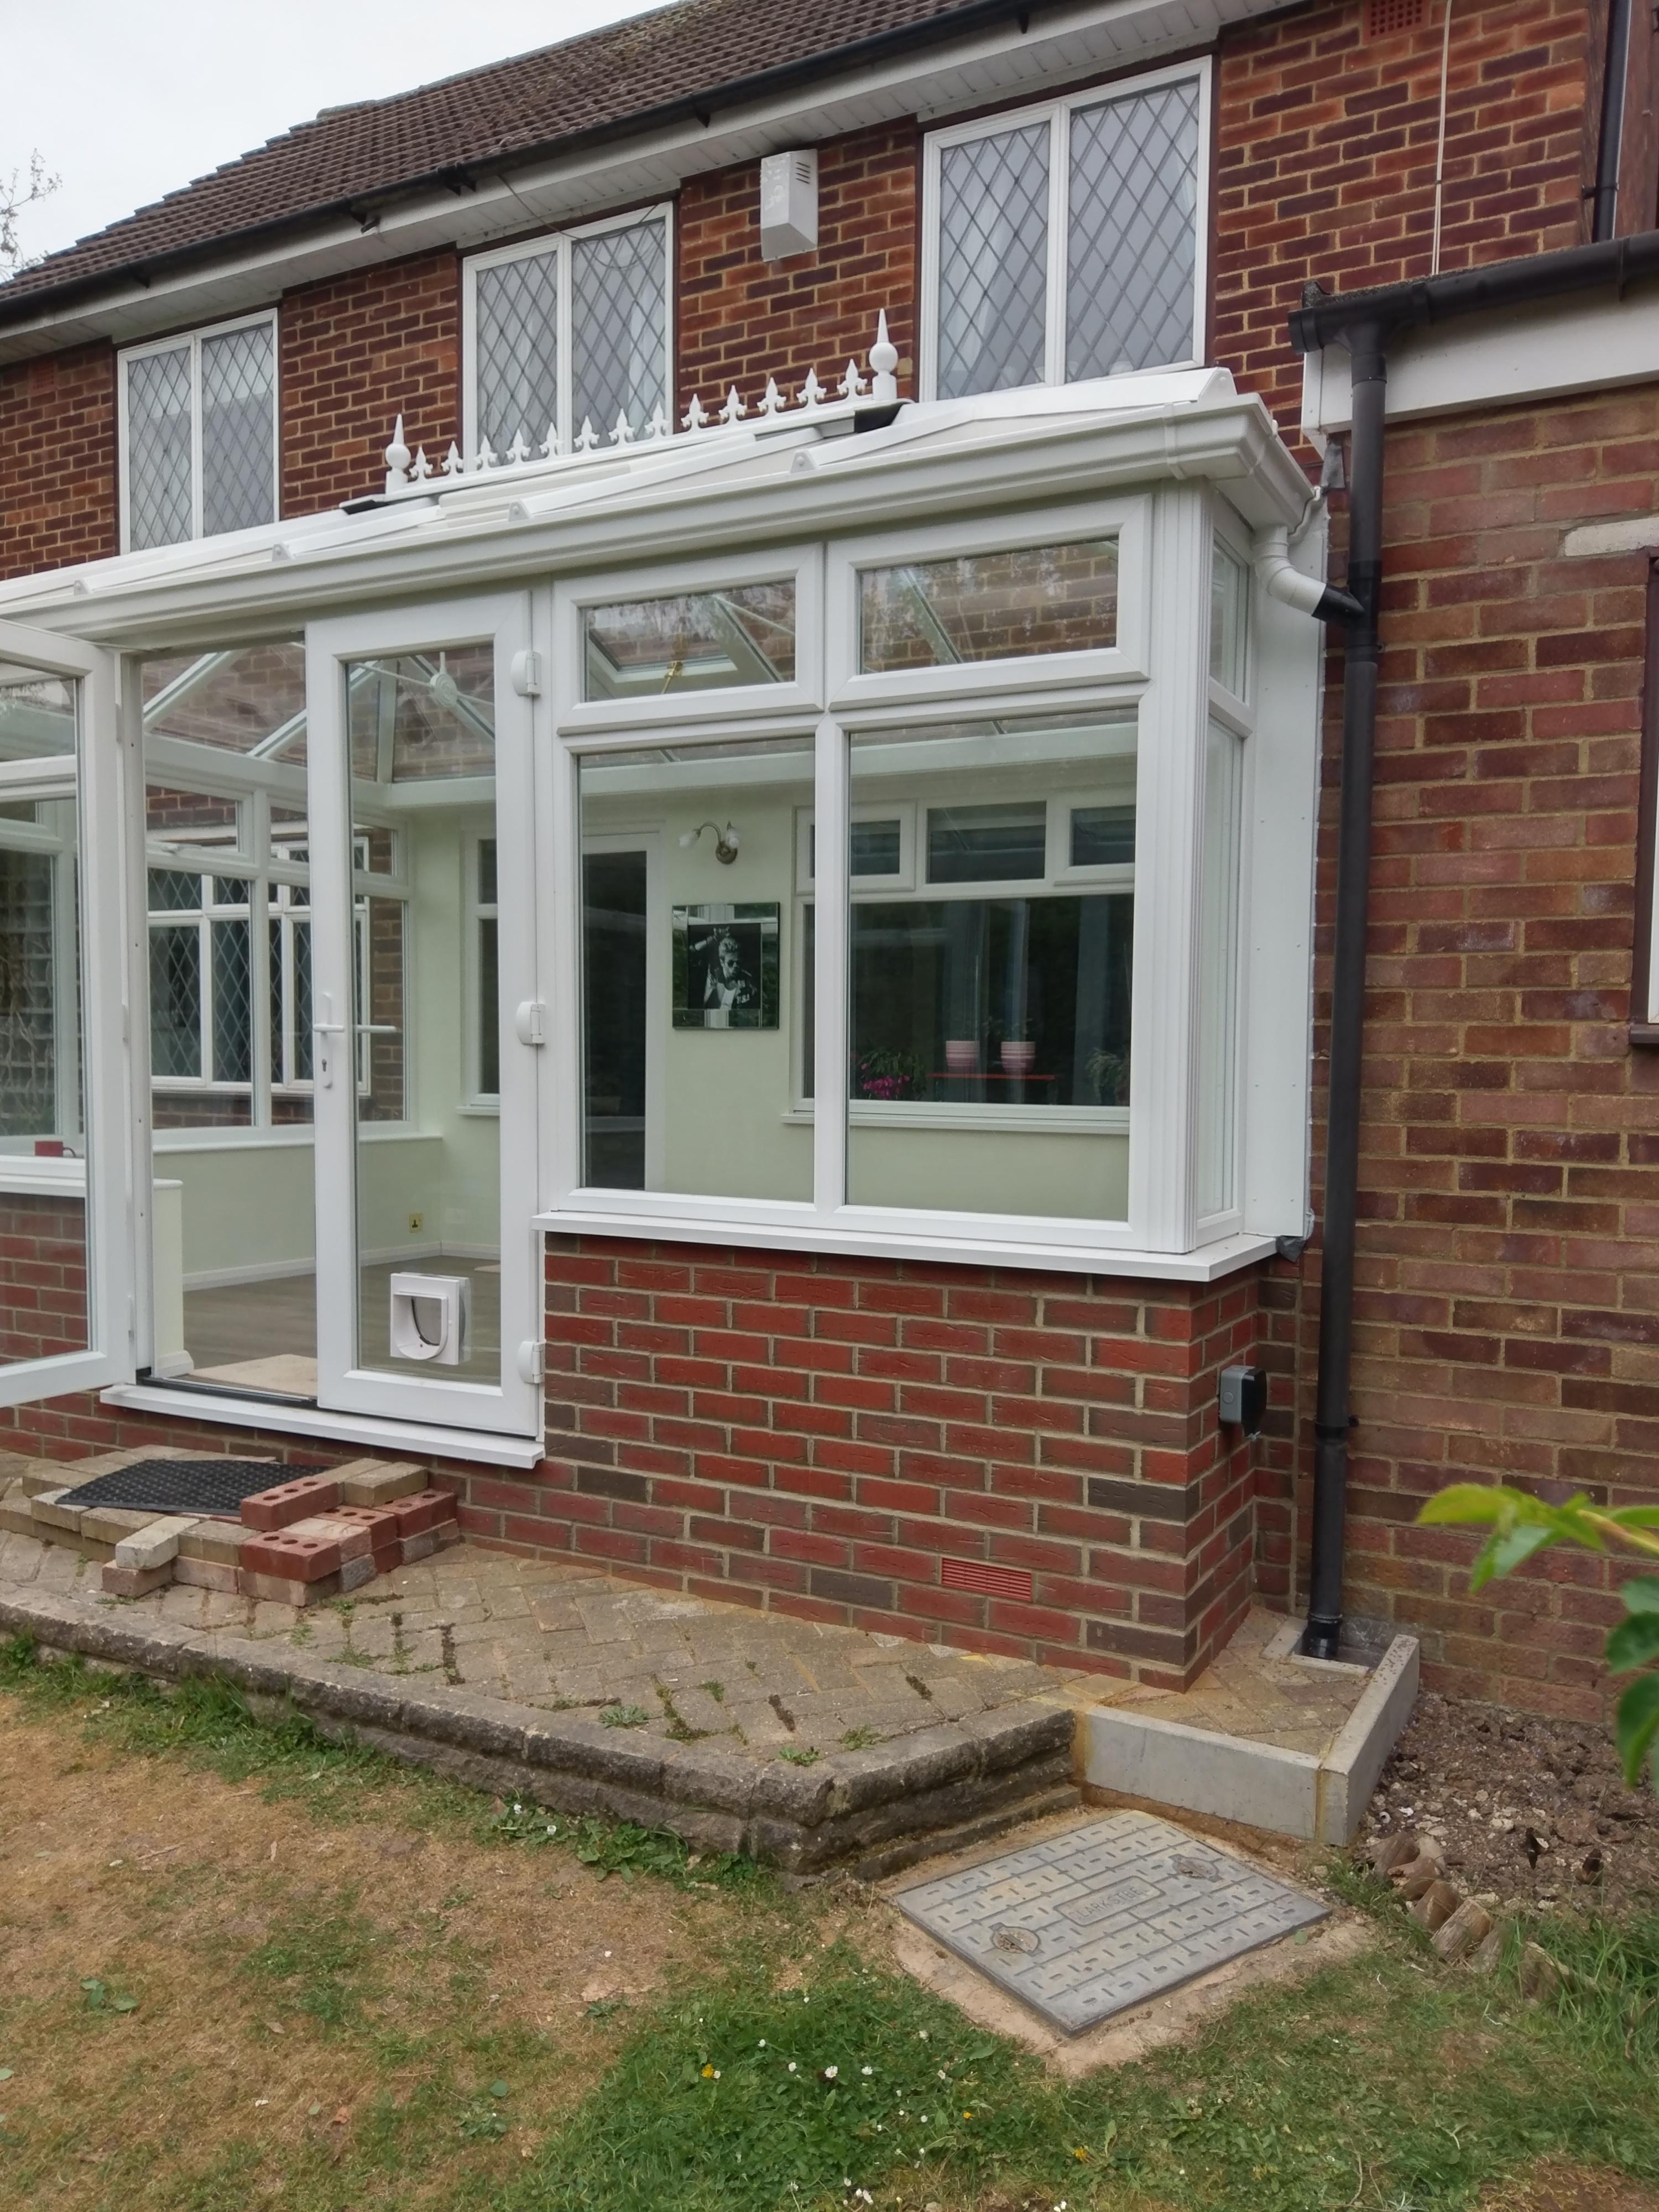 kommerling conservatory1